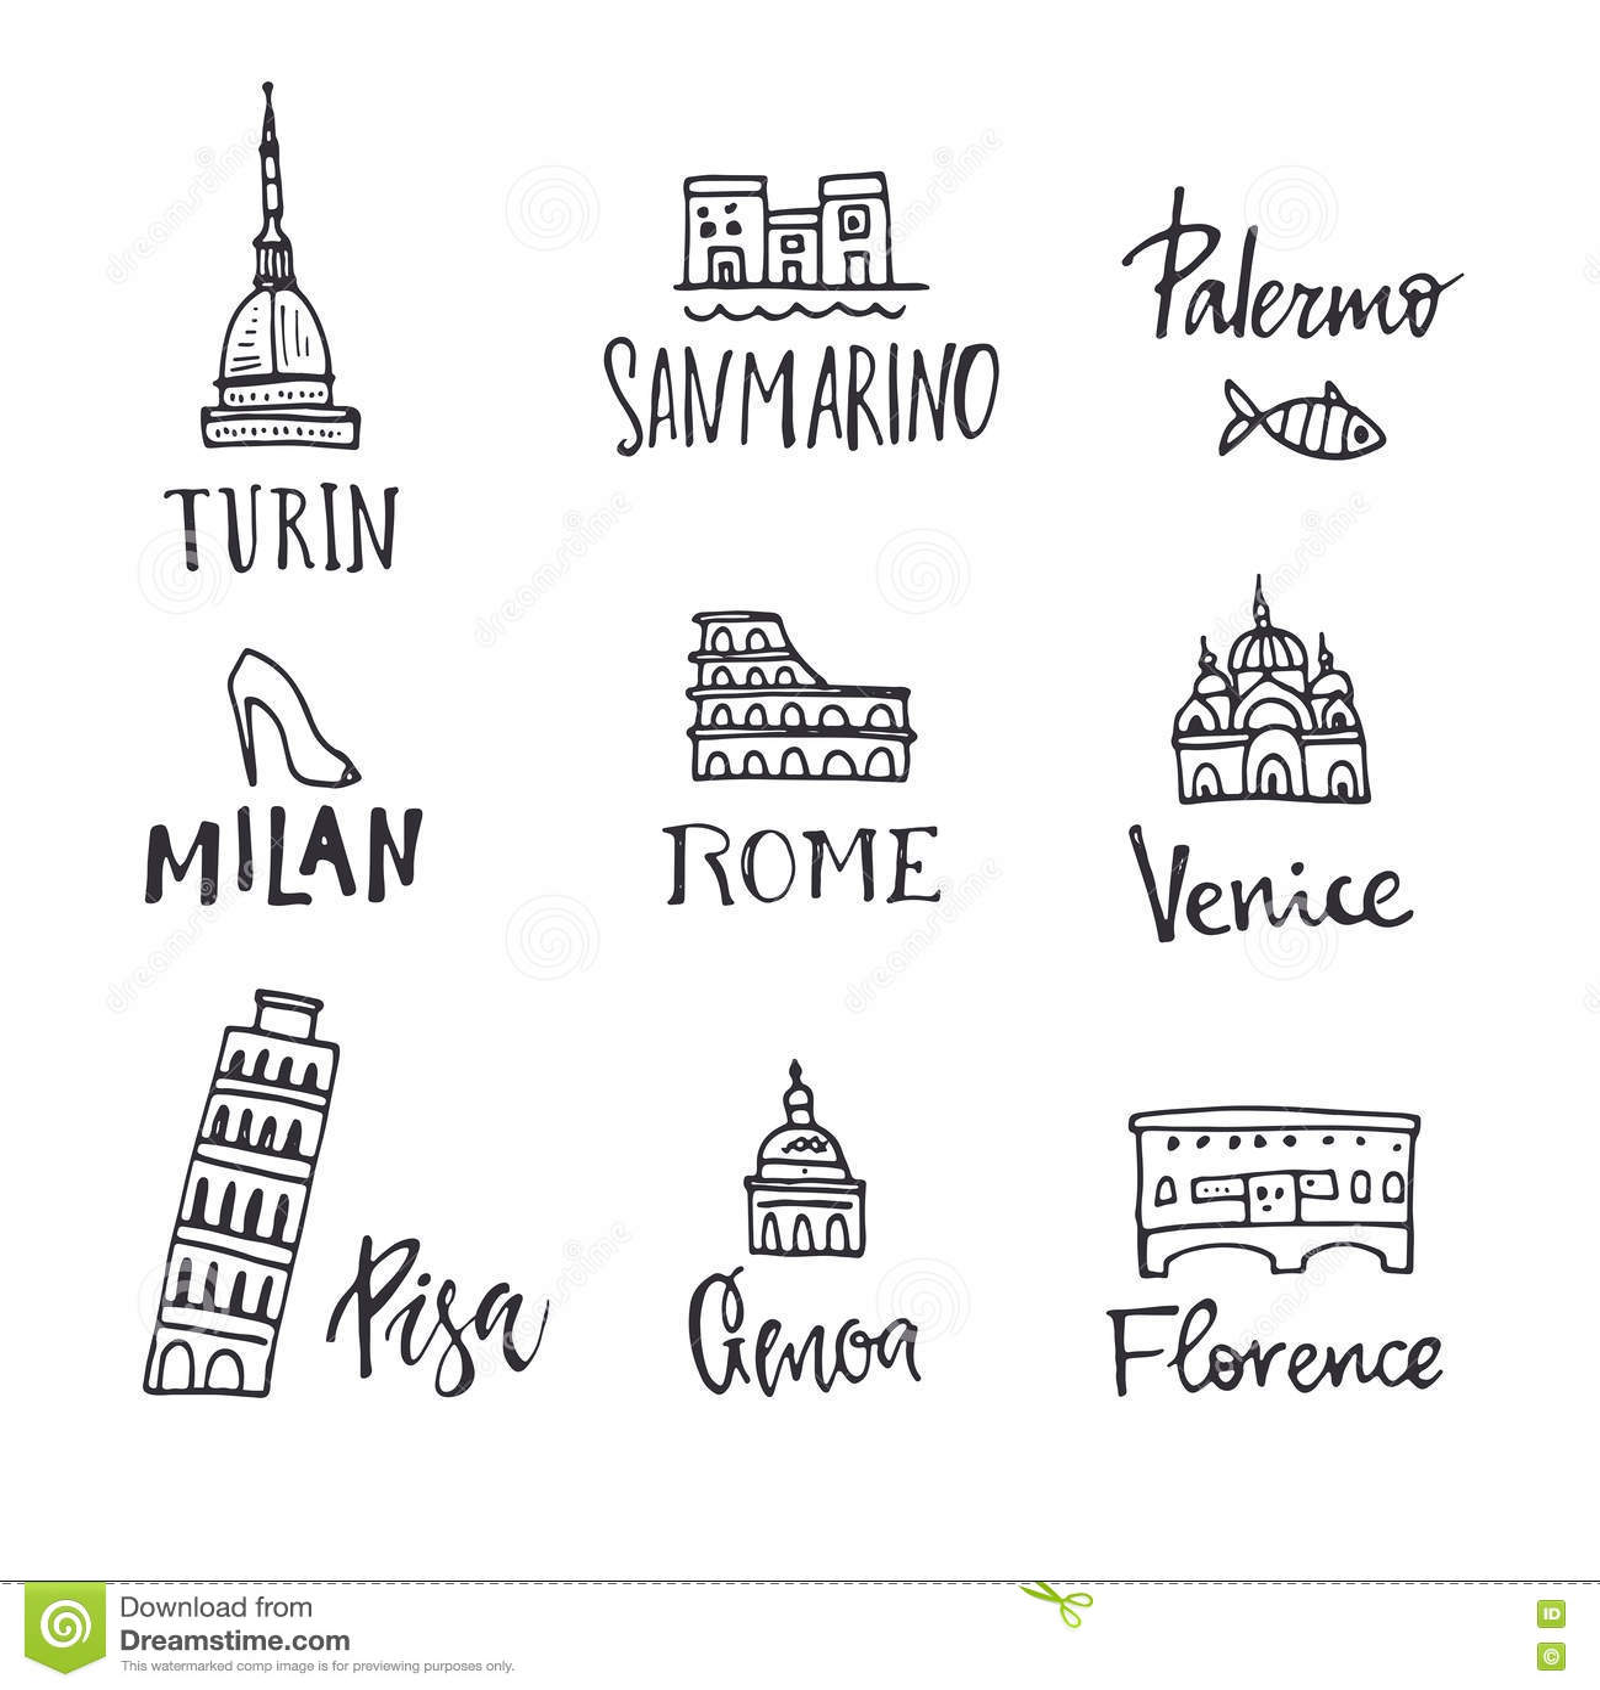 Italian Symbols Vector Illustration | CartoonDealer.com ...